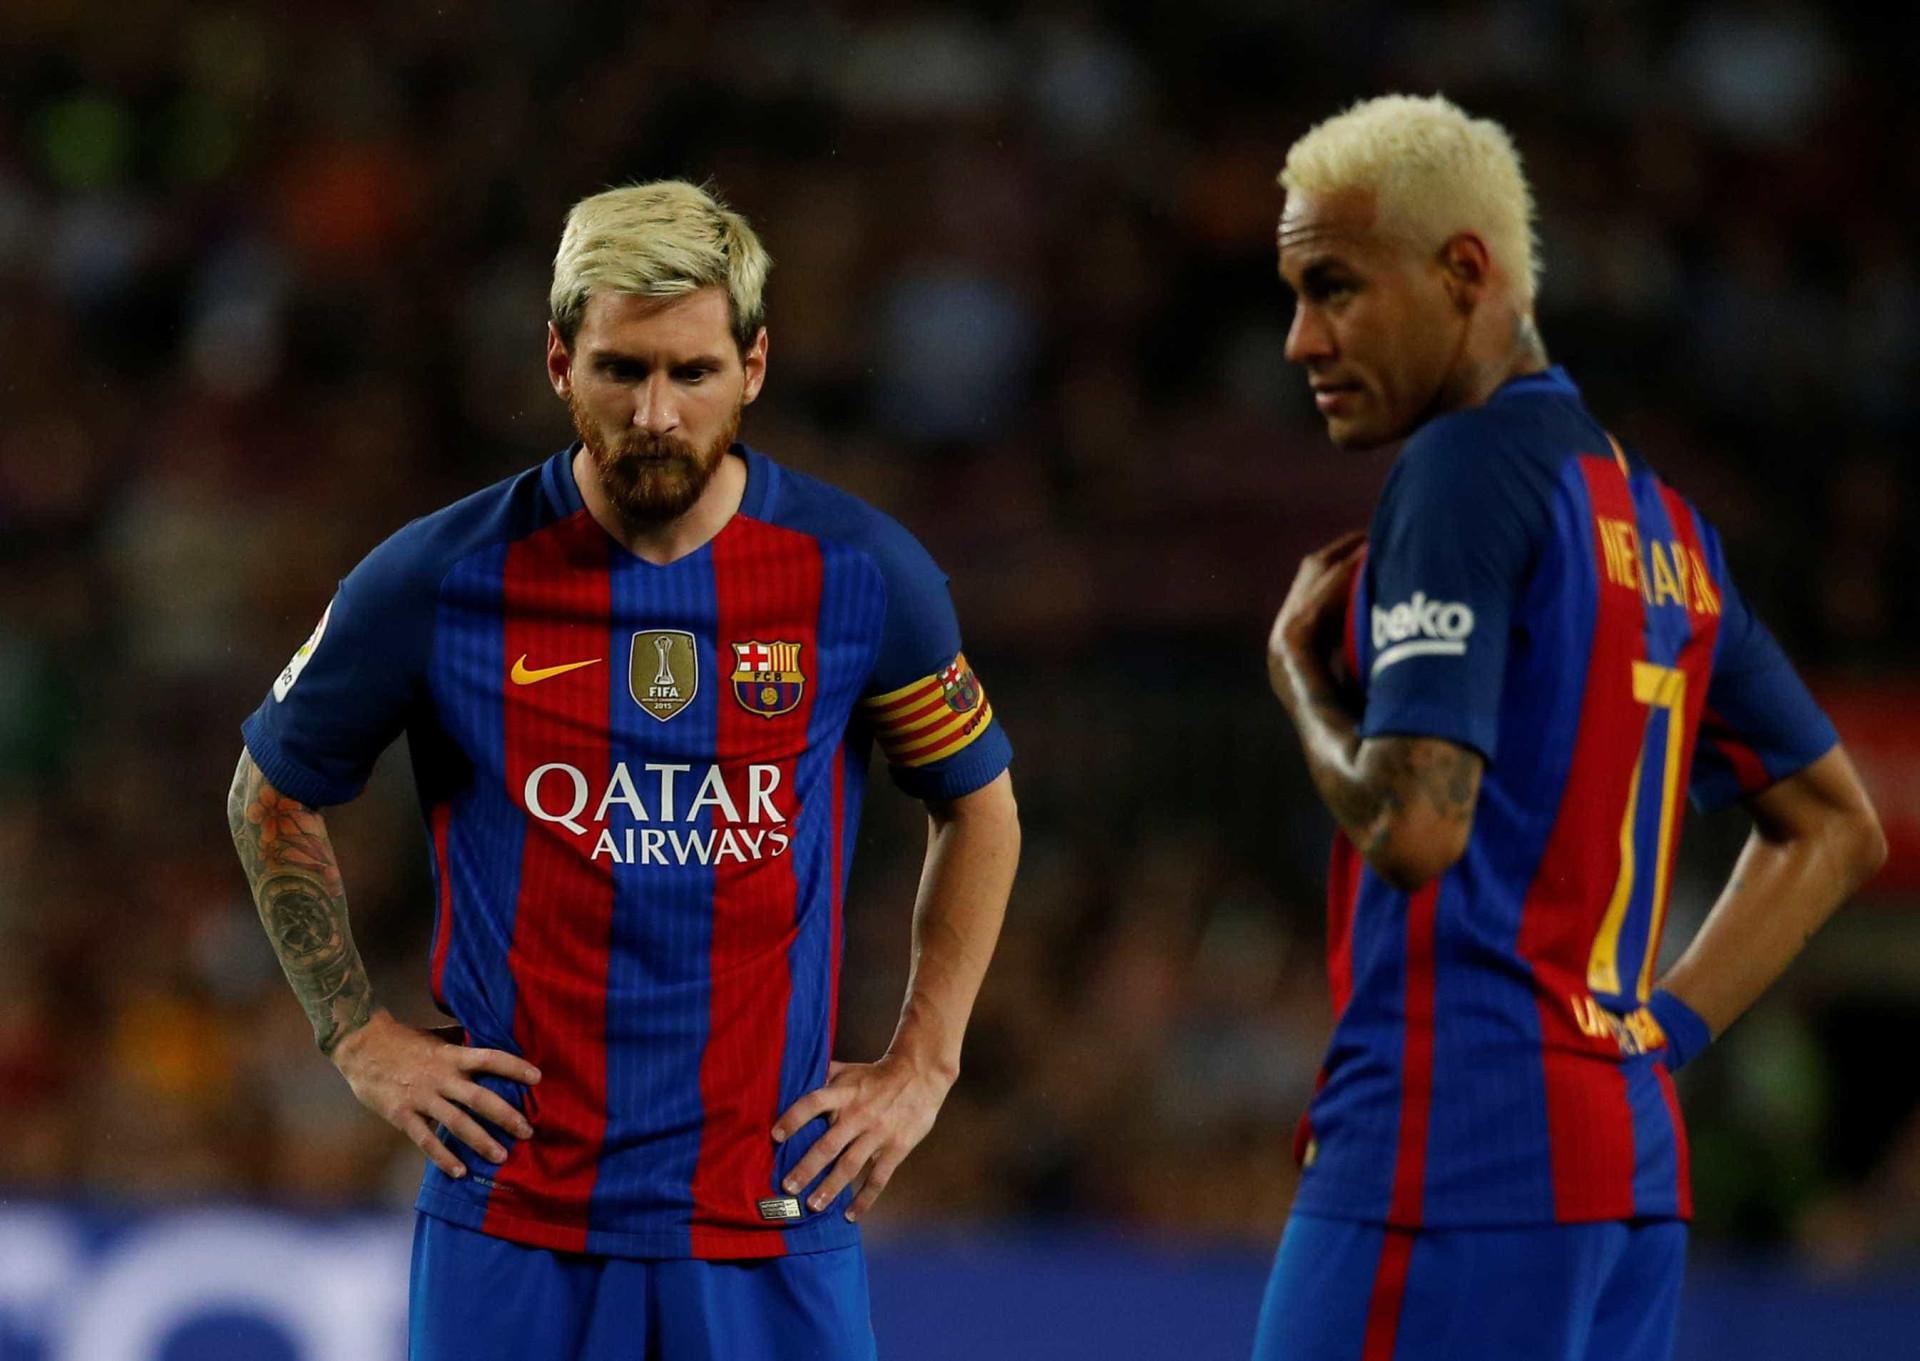 """Messi publica vídeo de despedida a Neymar: """"Foi um prazer enorme"""""""